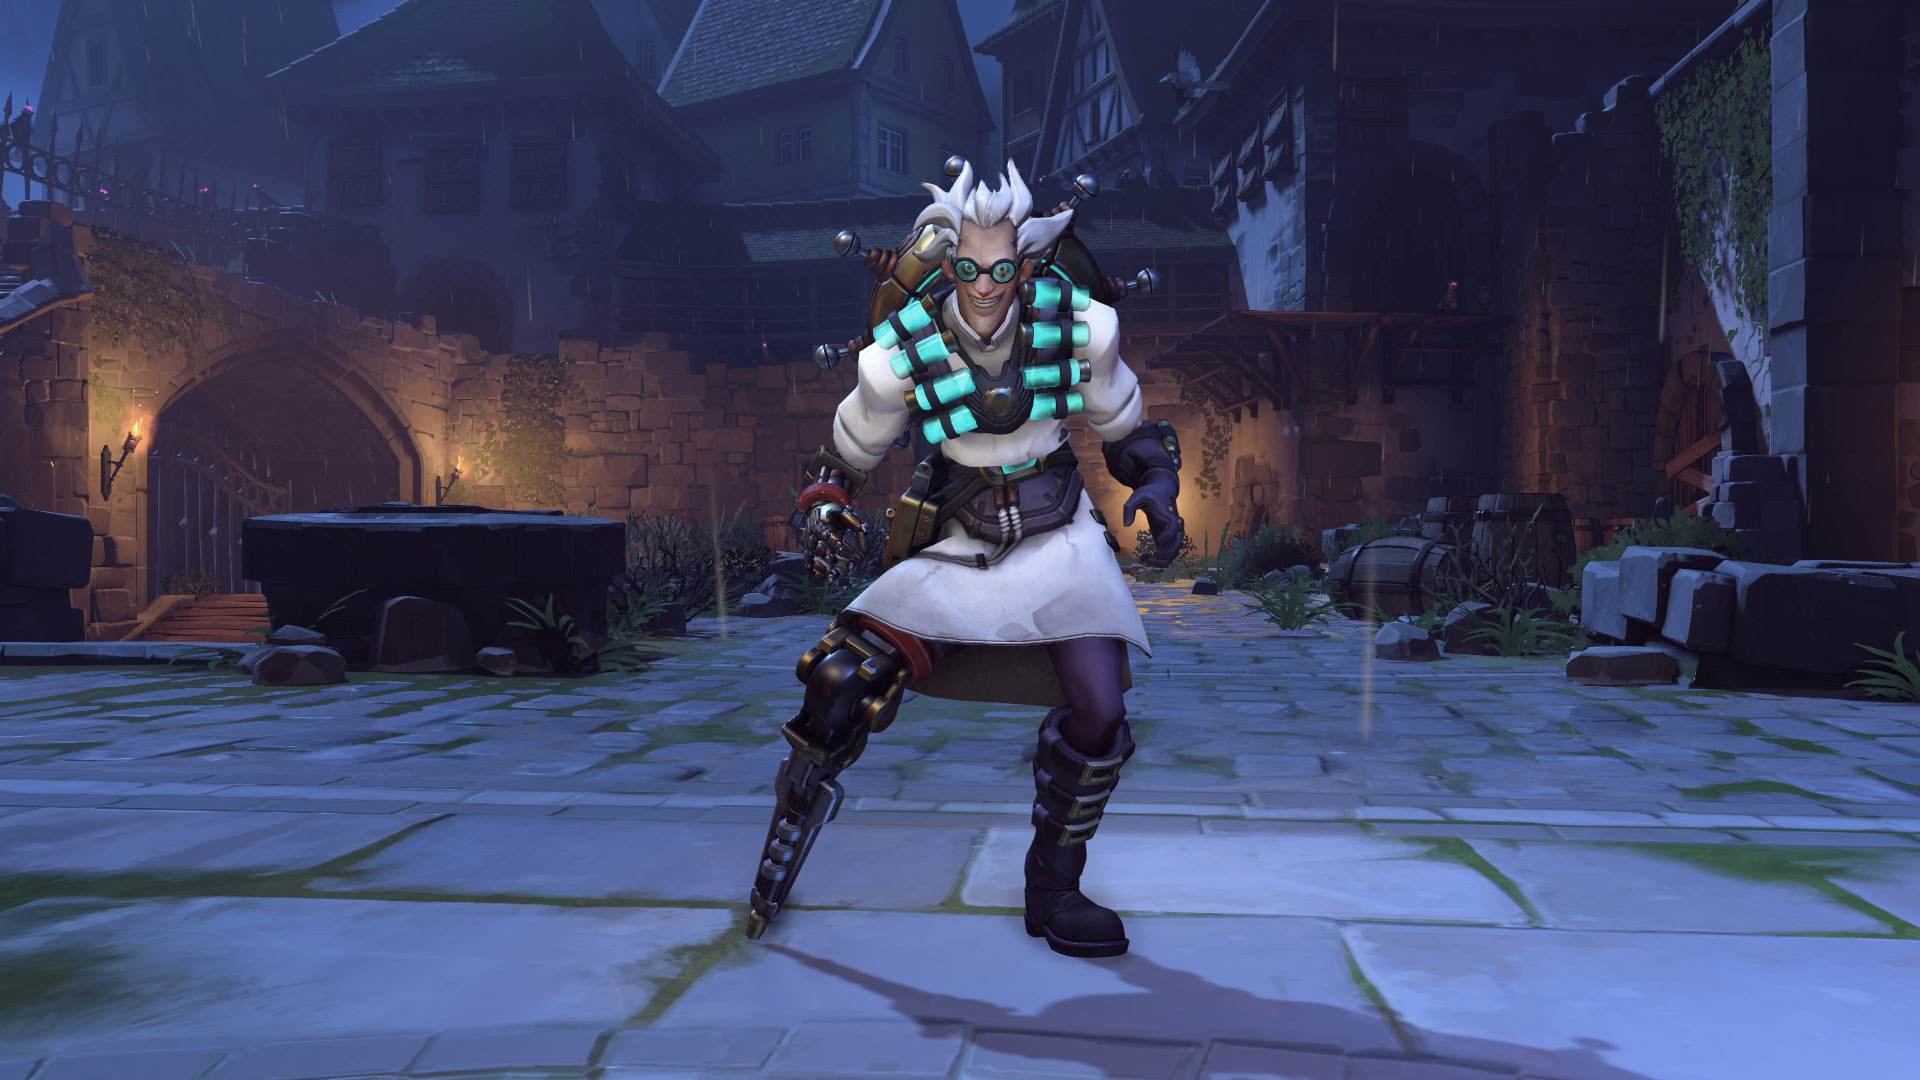 Junkrat Overwatch Halloween Skin